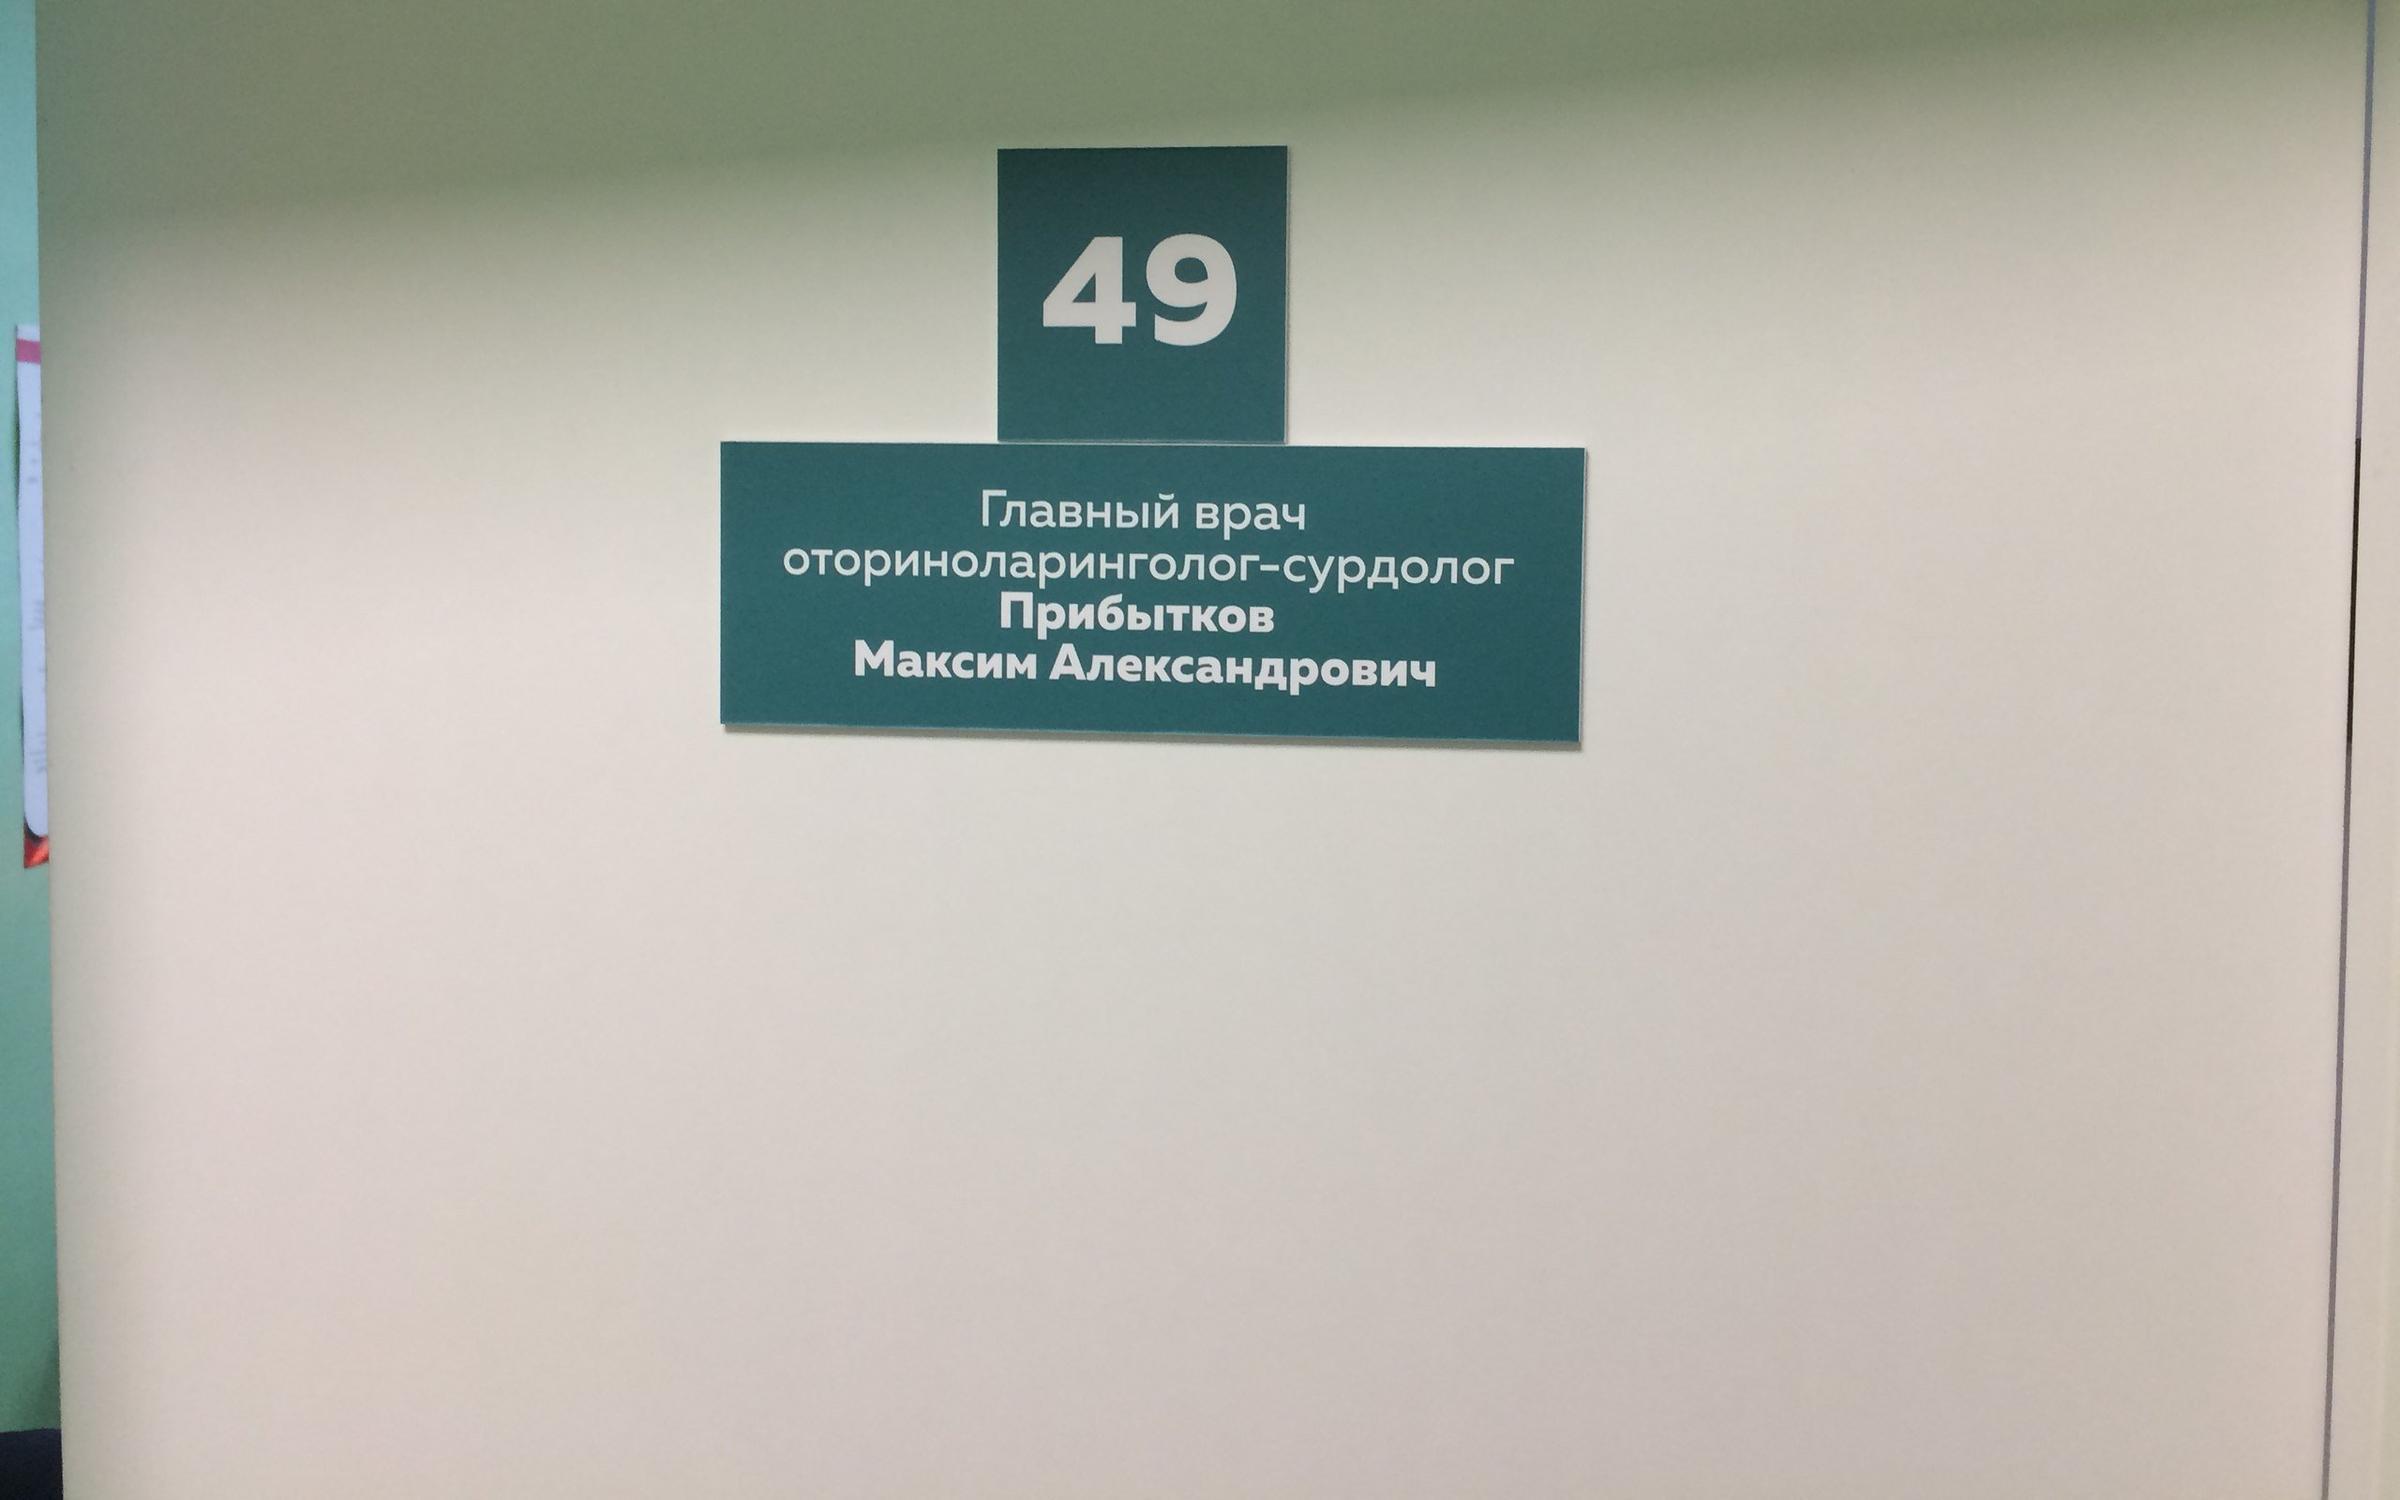 фотография ЛОР-Клиника на улице Мичурина